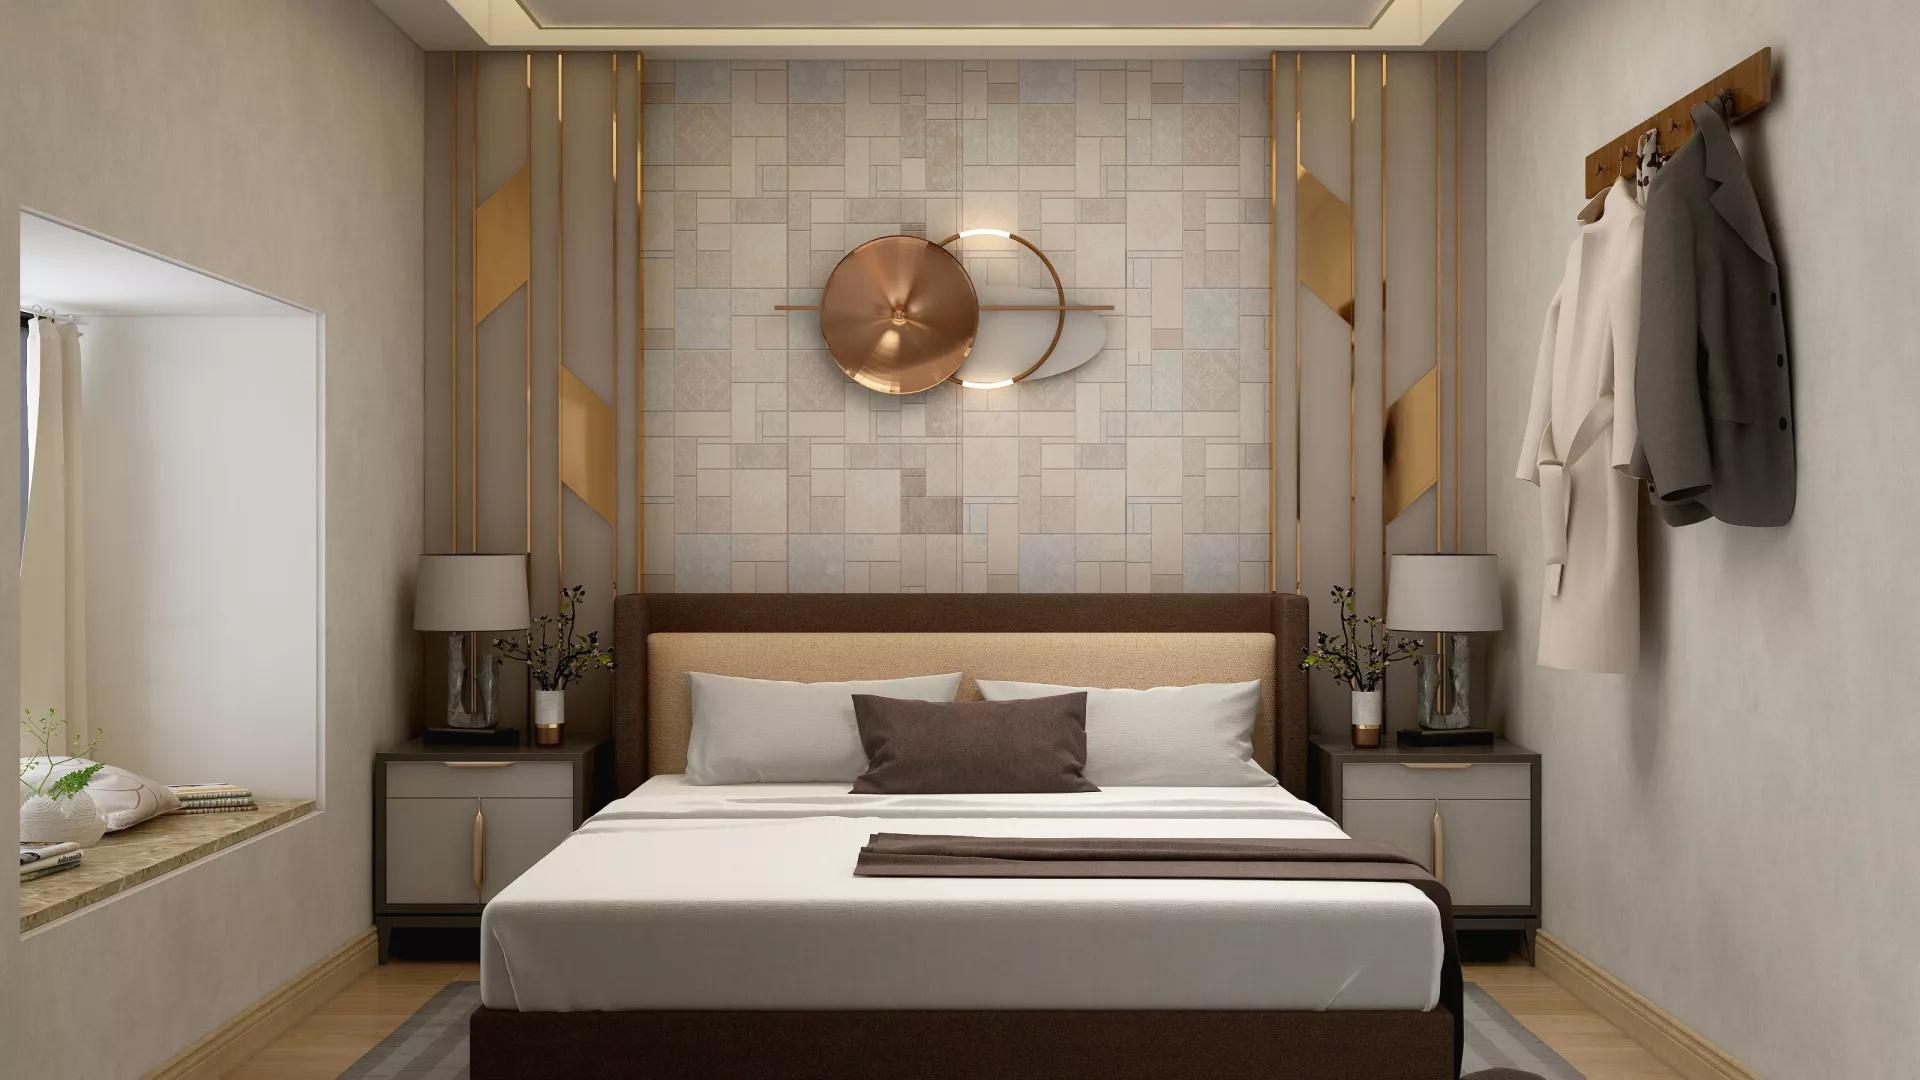 海南集匠装饰设计工程有限公司